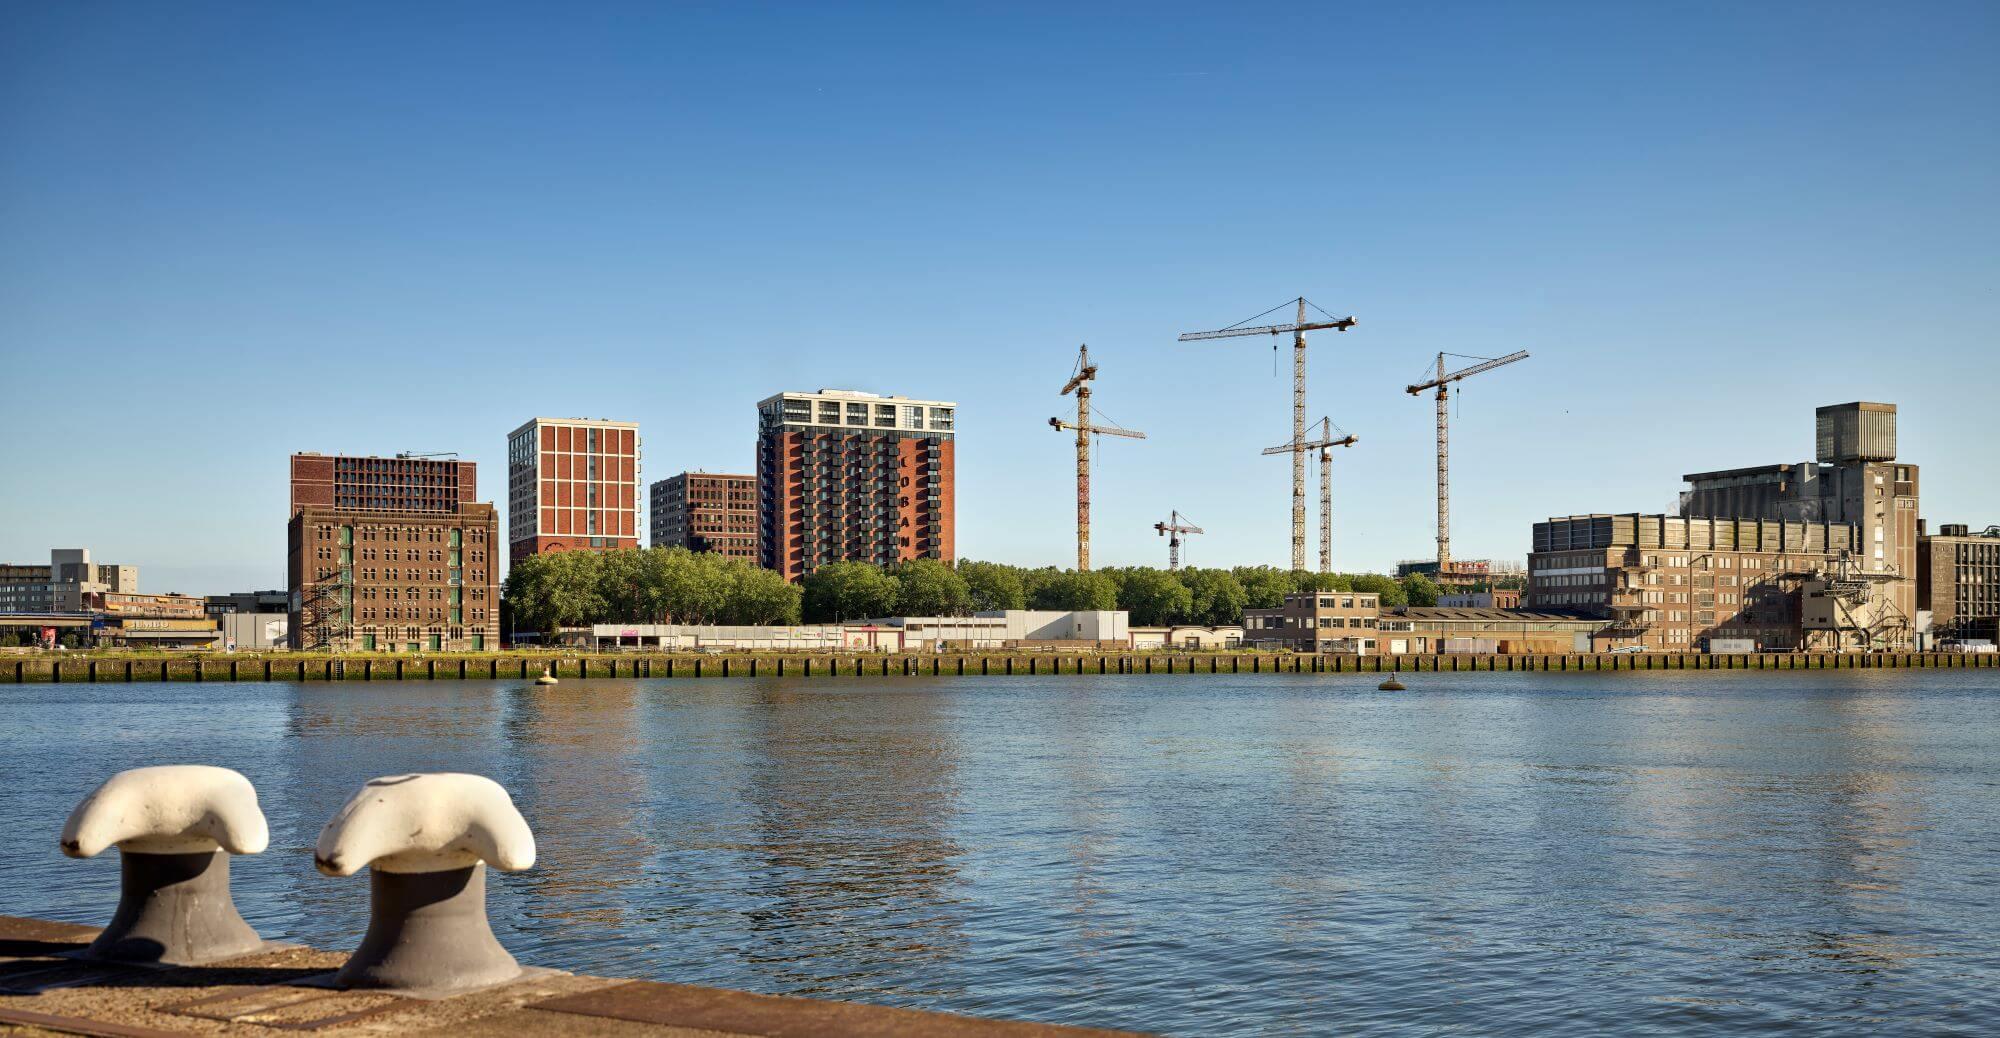 The FIZZ Cobana Rotterdam Katendrecht